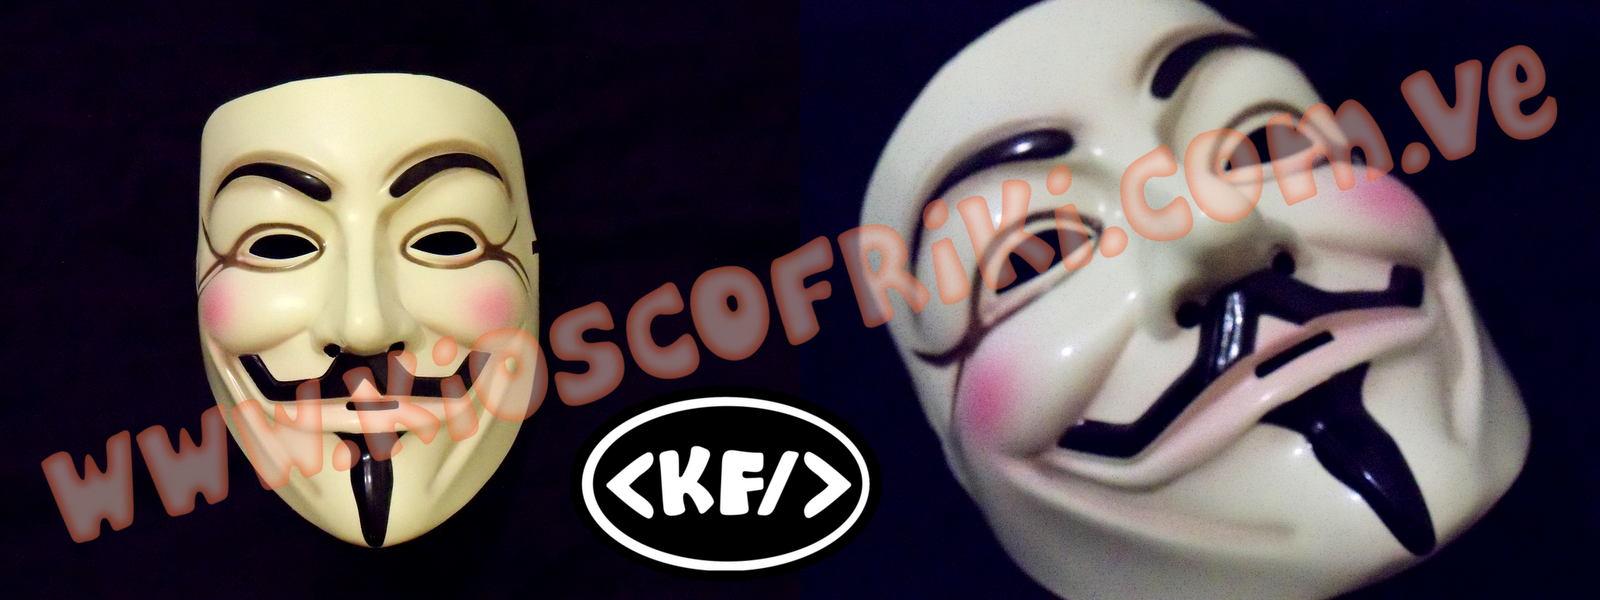 V  de Vendetta (Anonymous)